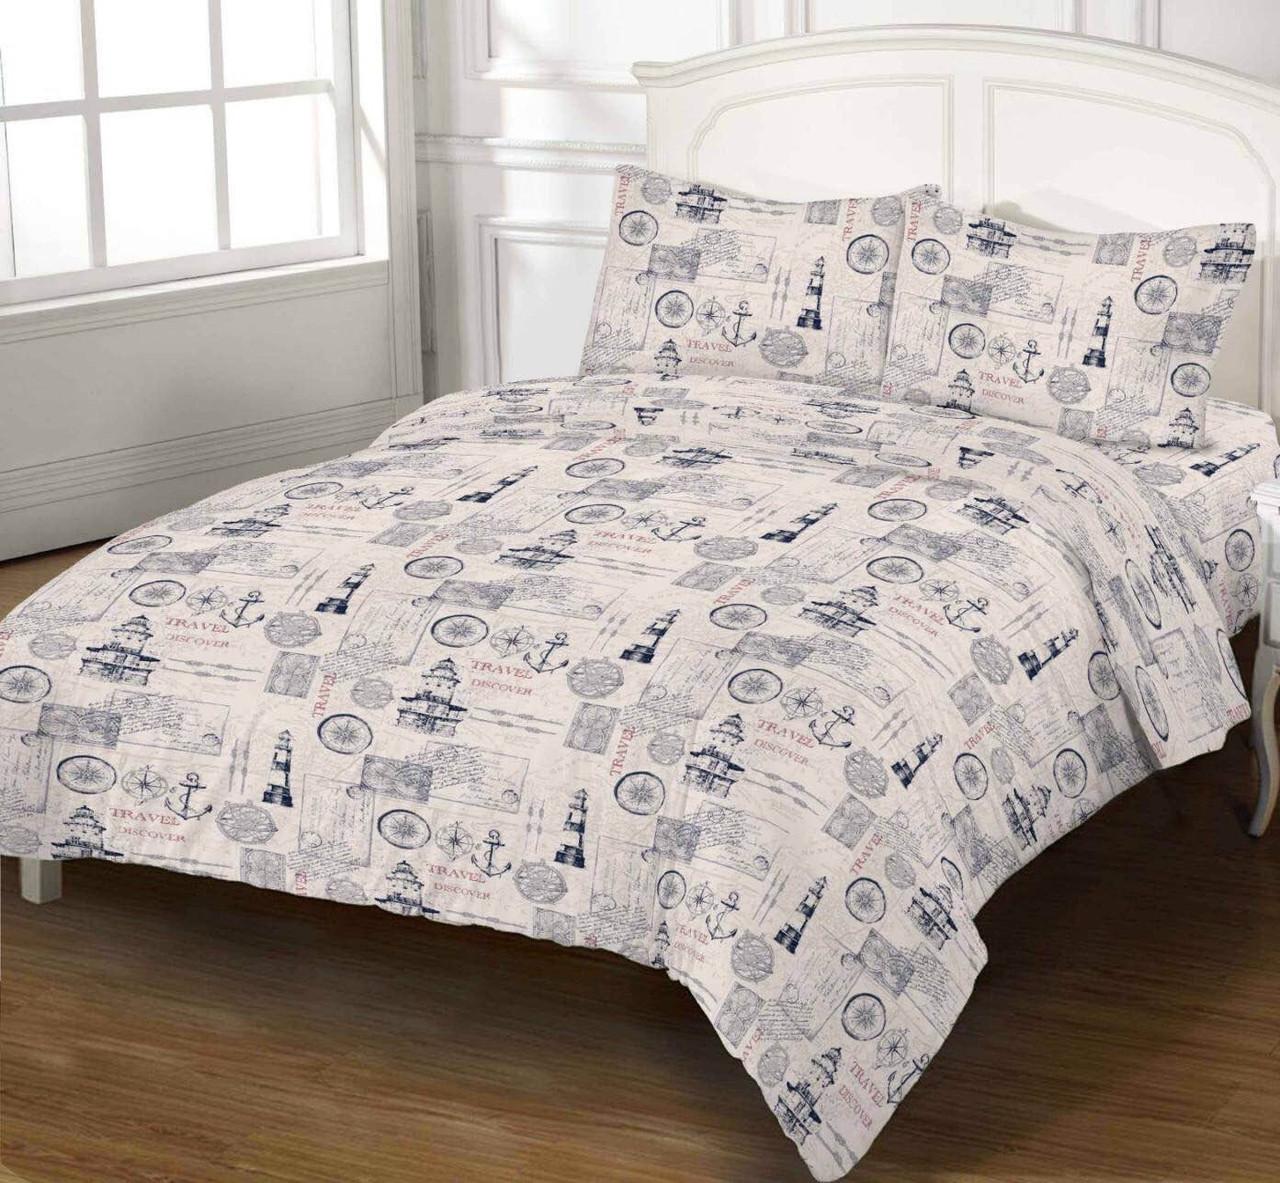 Комплект постельного белья DOTINEM Seni Бязь семейный 150х215 (8808-103)